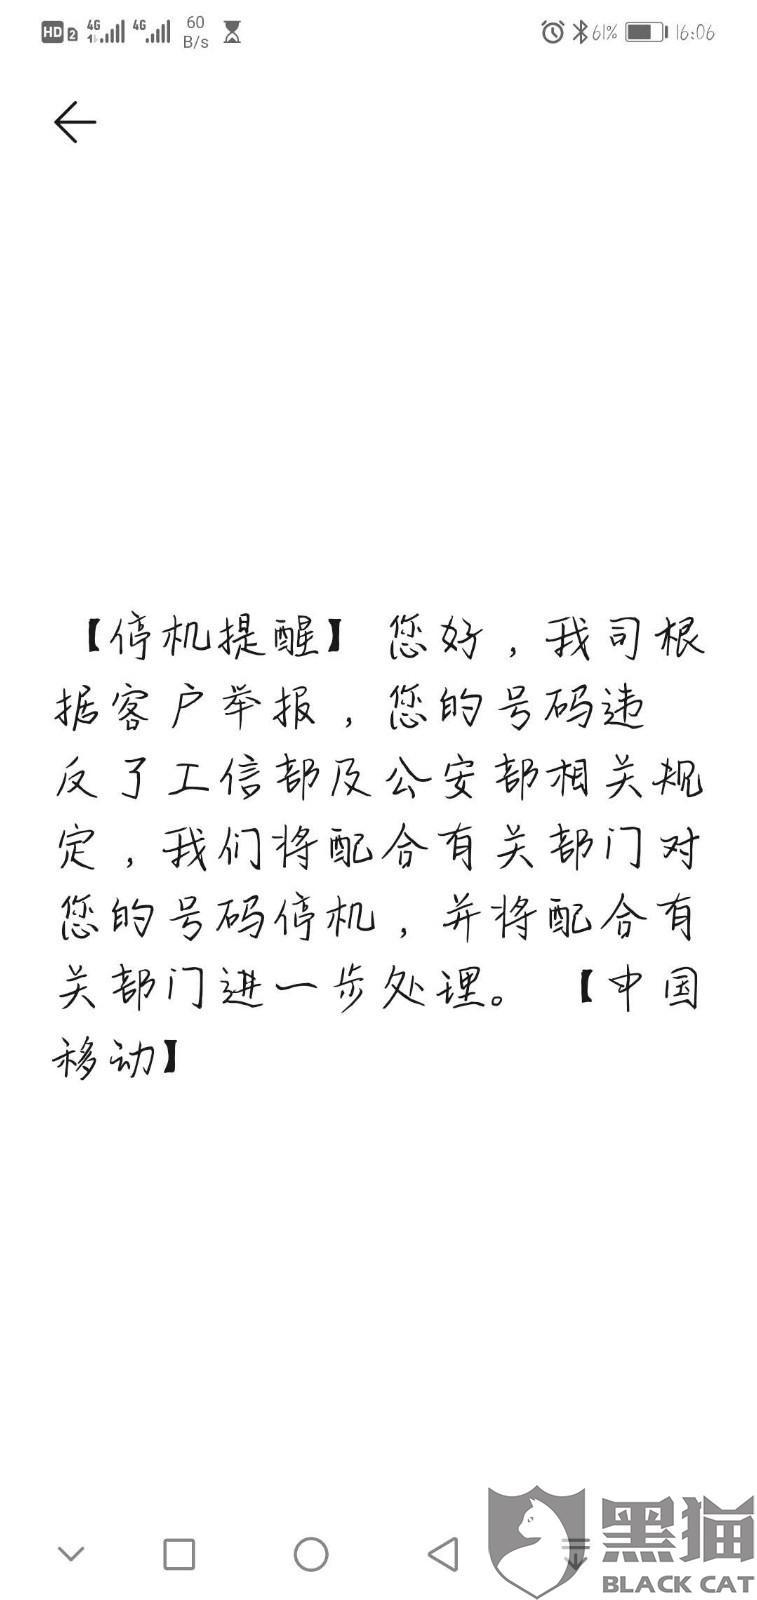 黑猫投诉:中国移动在没有任何提示情况下,以我违反了相关规定给我强制停机.